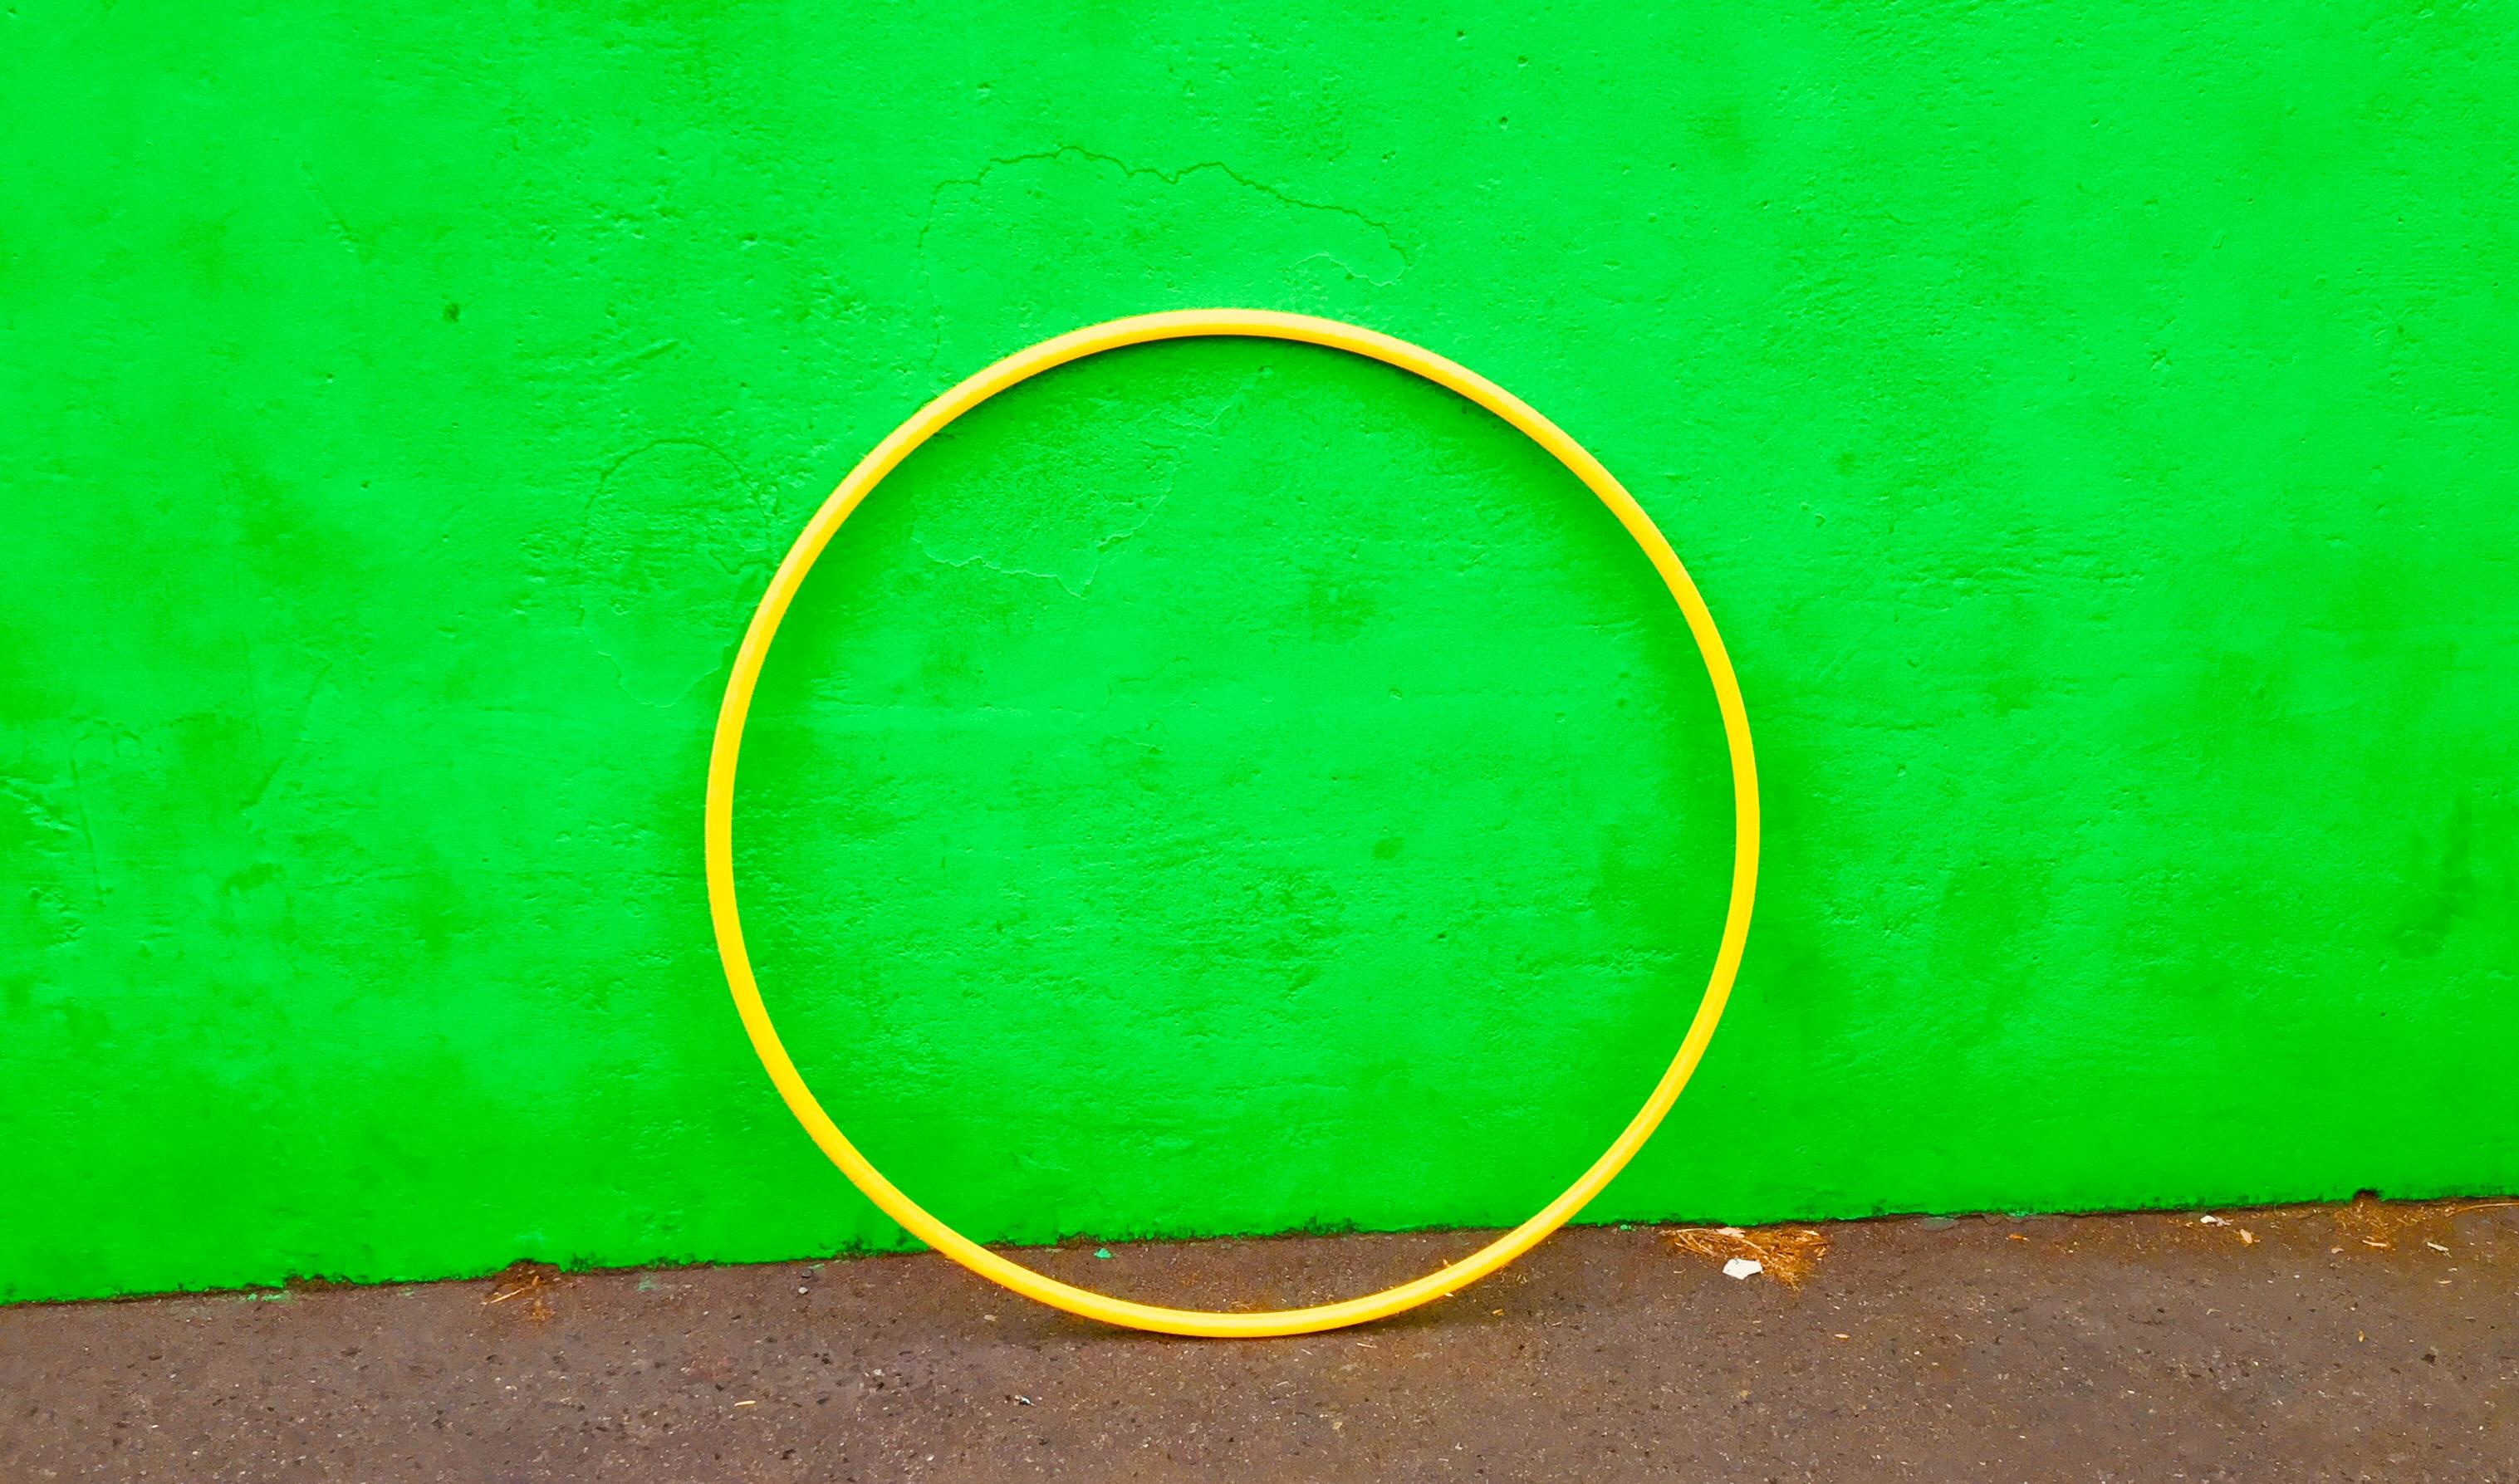 siena's hula hoop